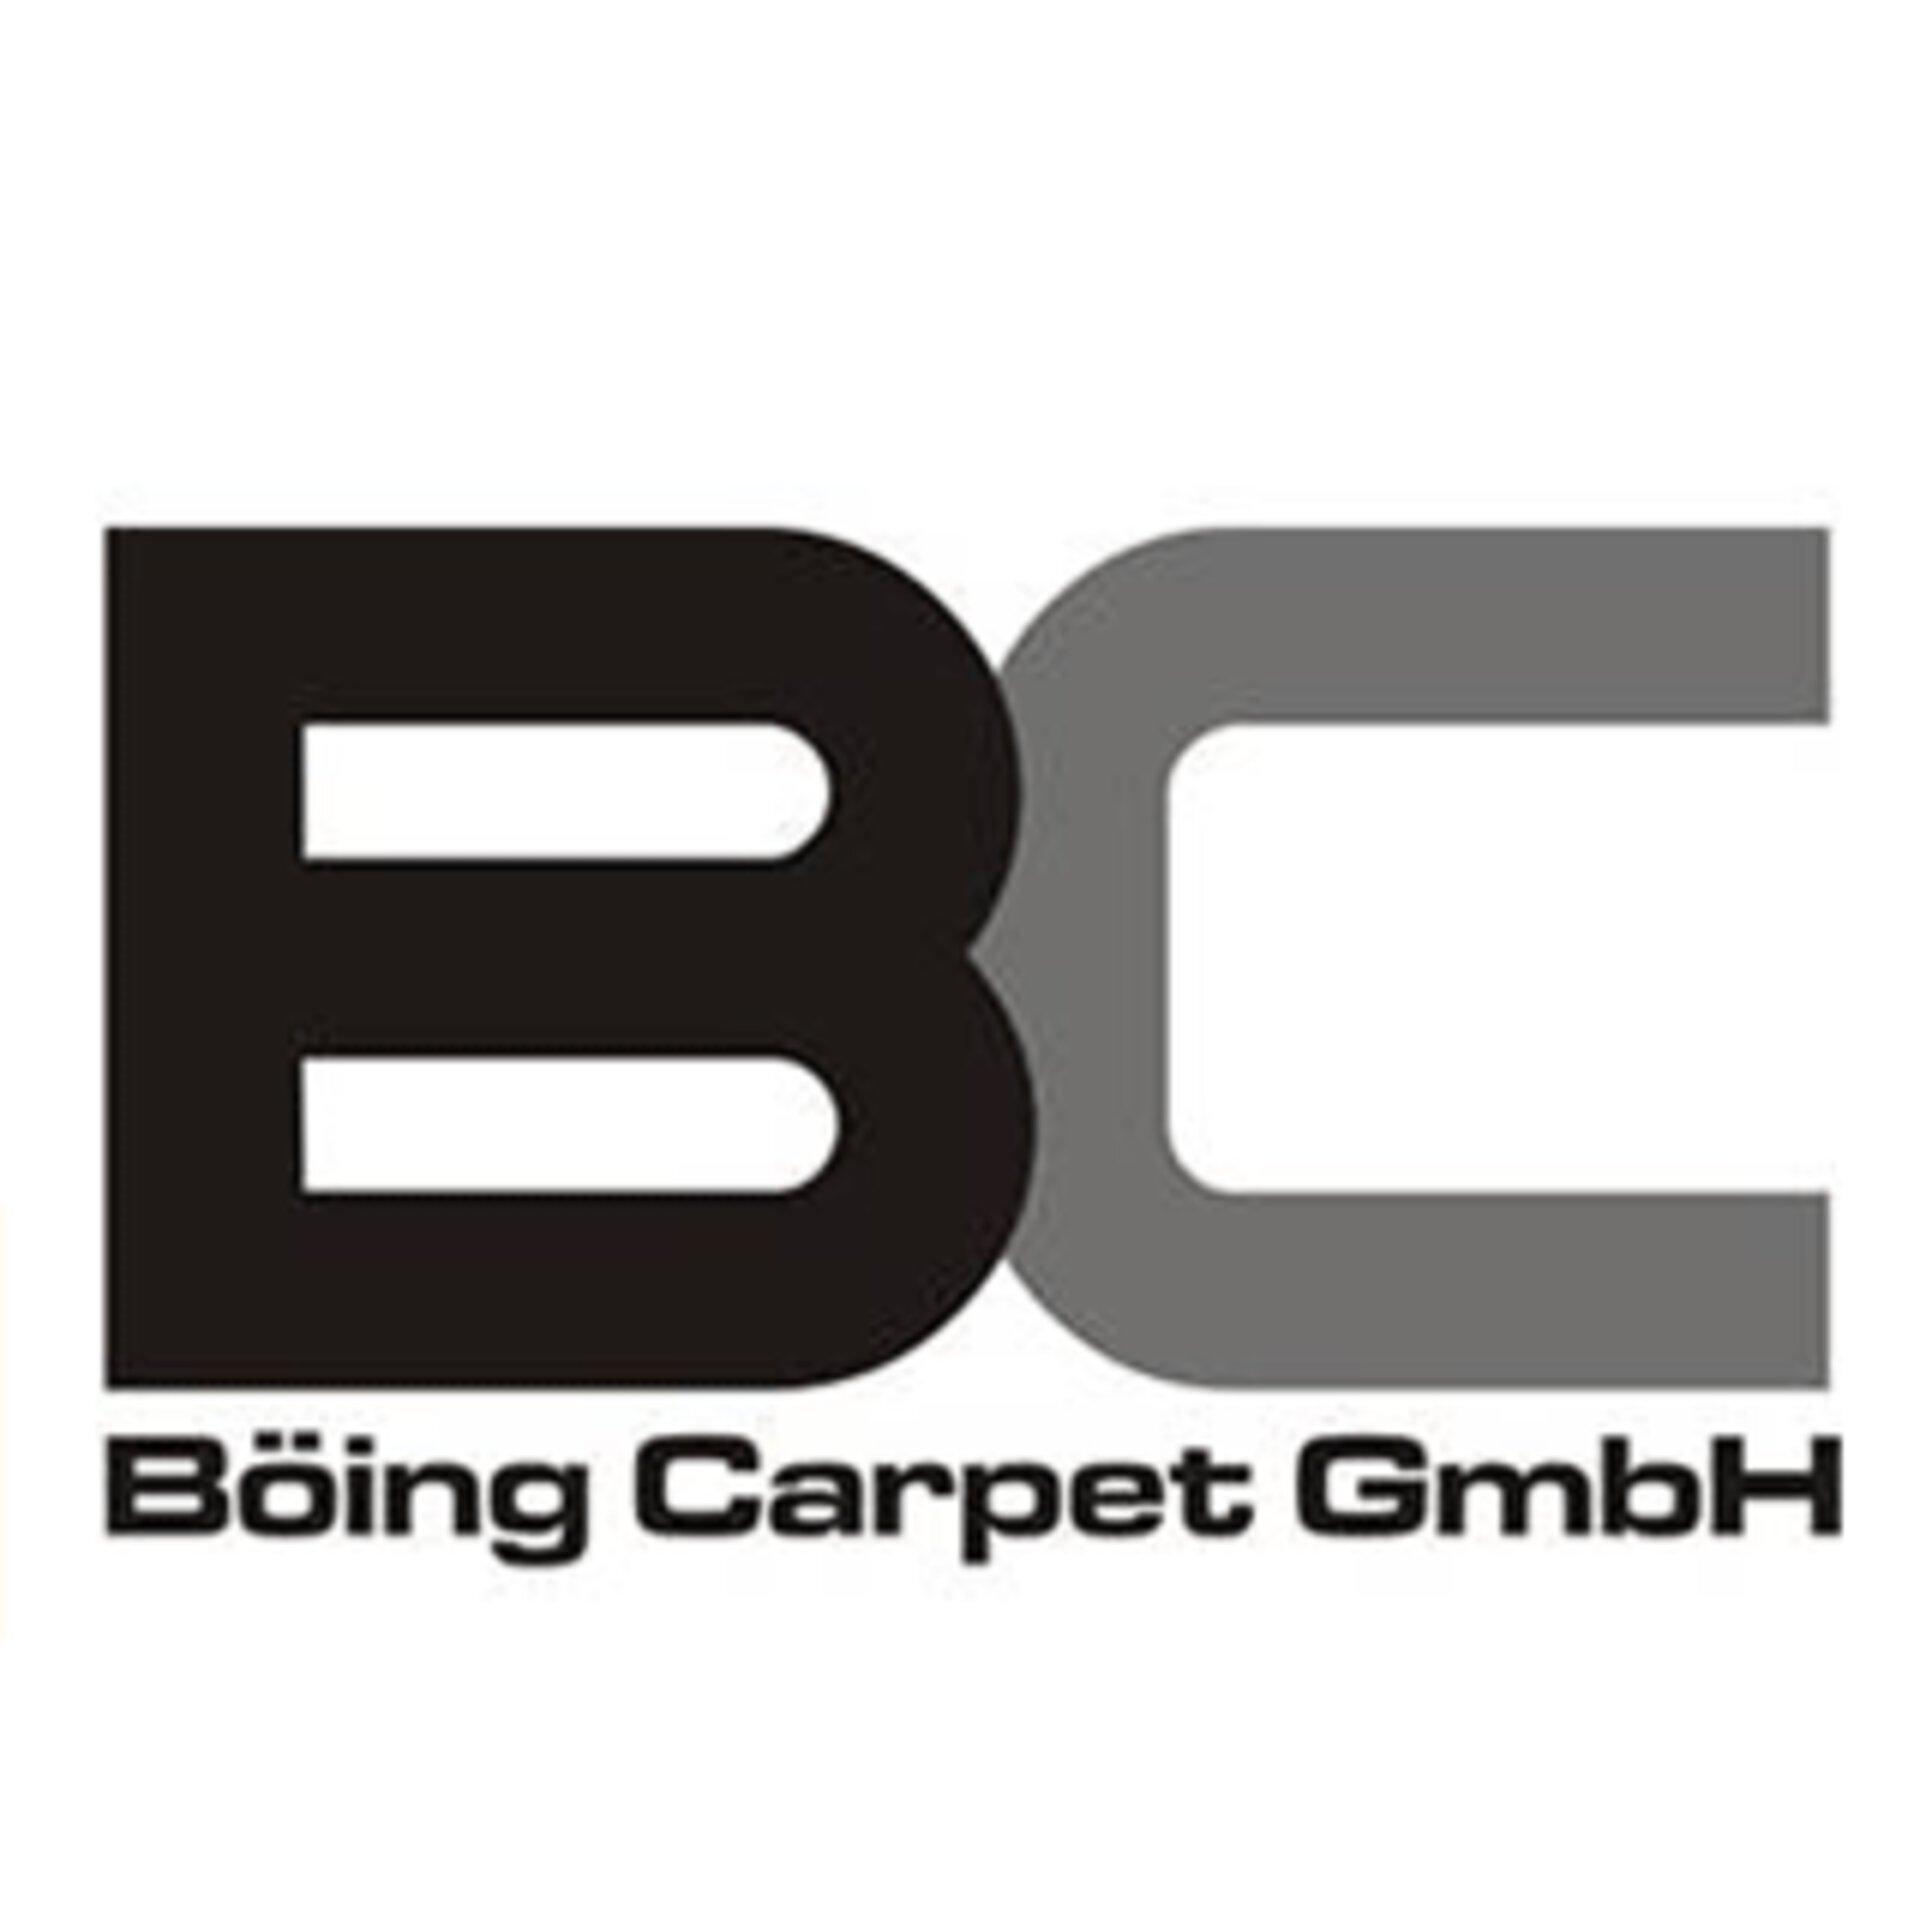 Böing